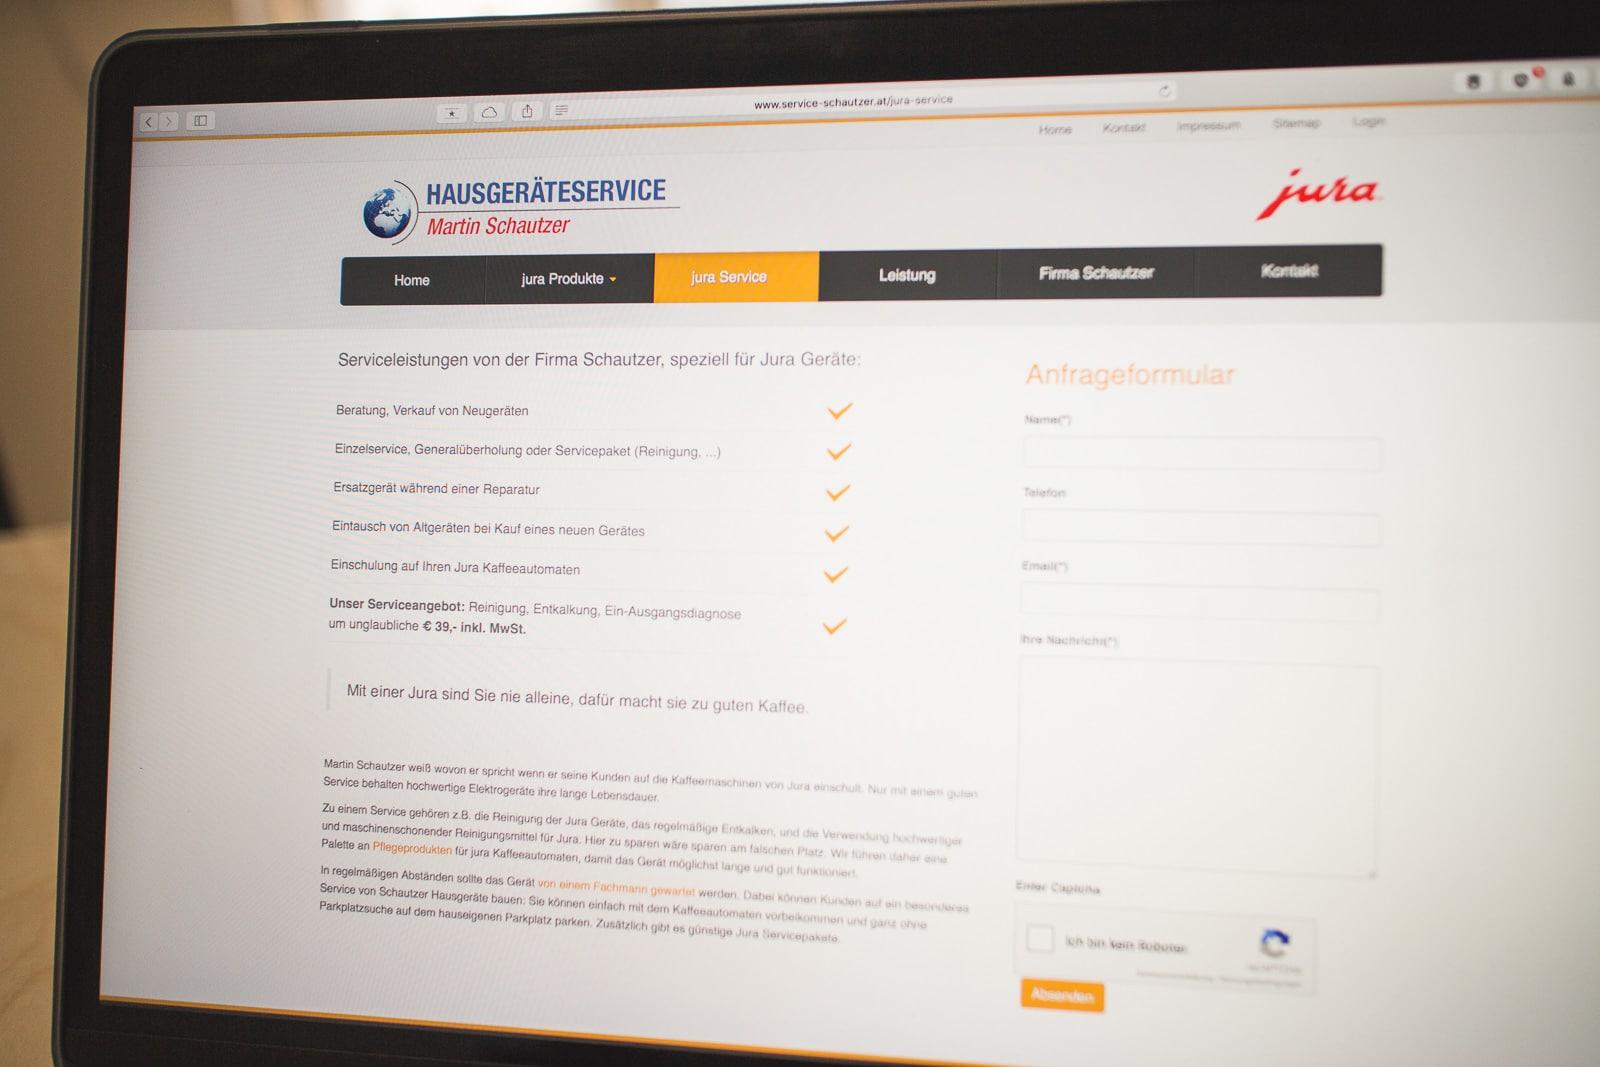 Joomla CMS Firmen Webauftritt für Hausgeräteservice - Martin Schautzer